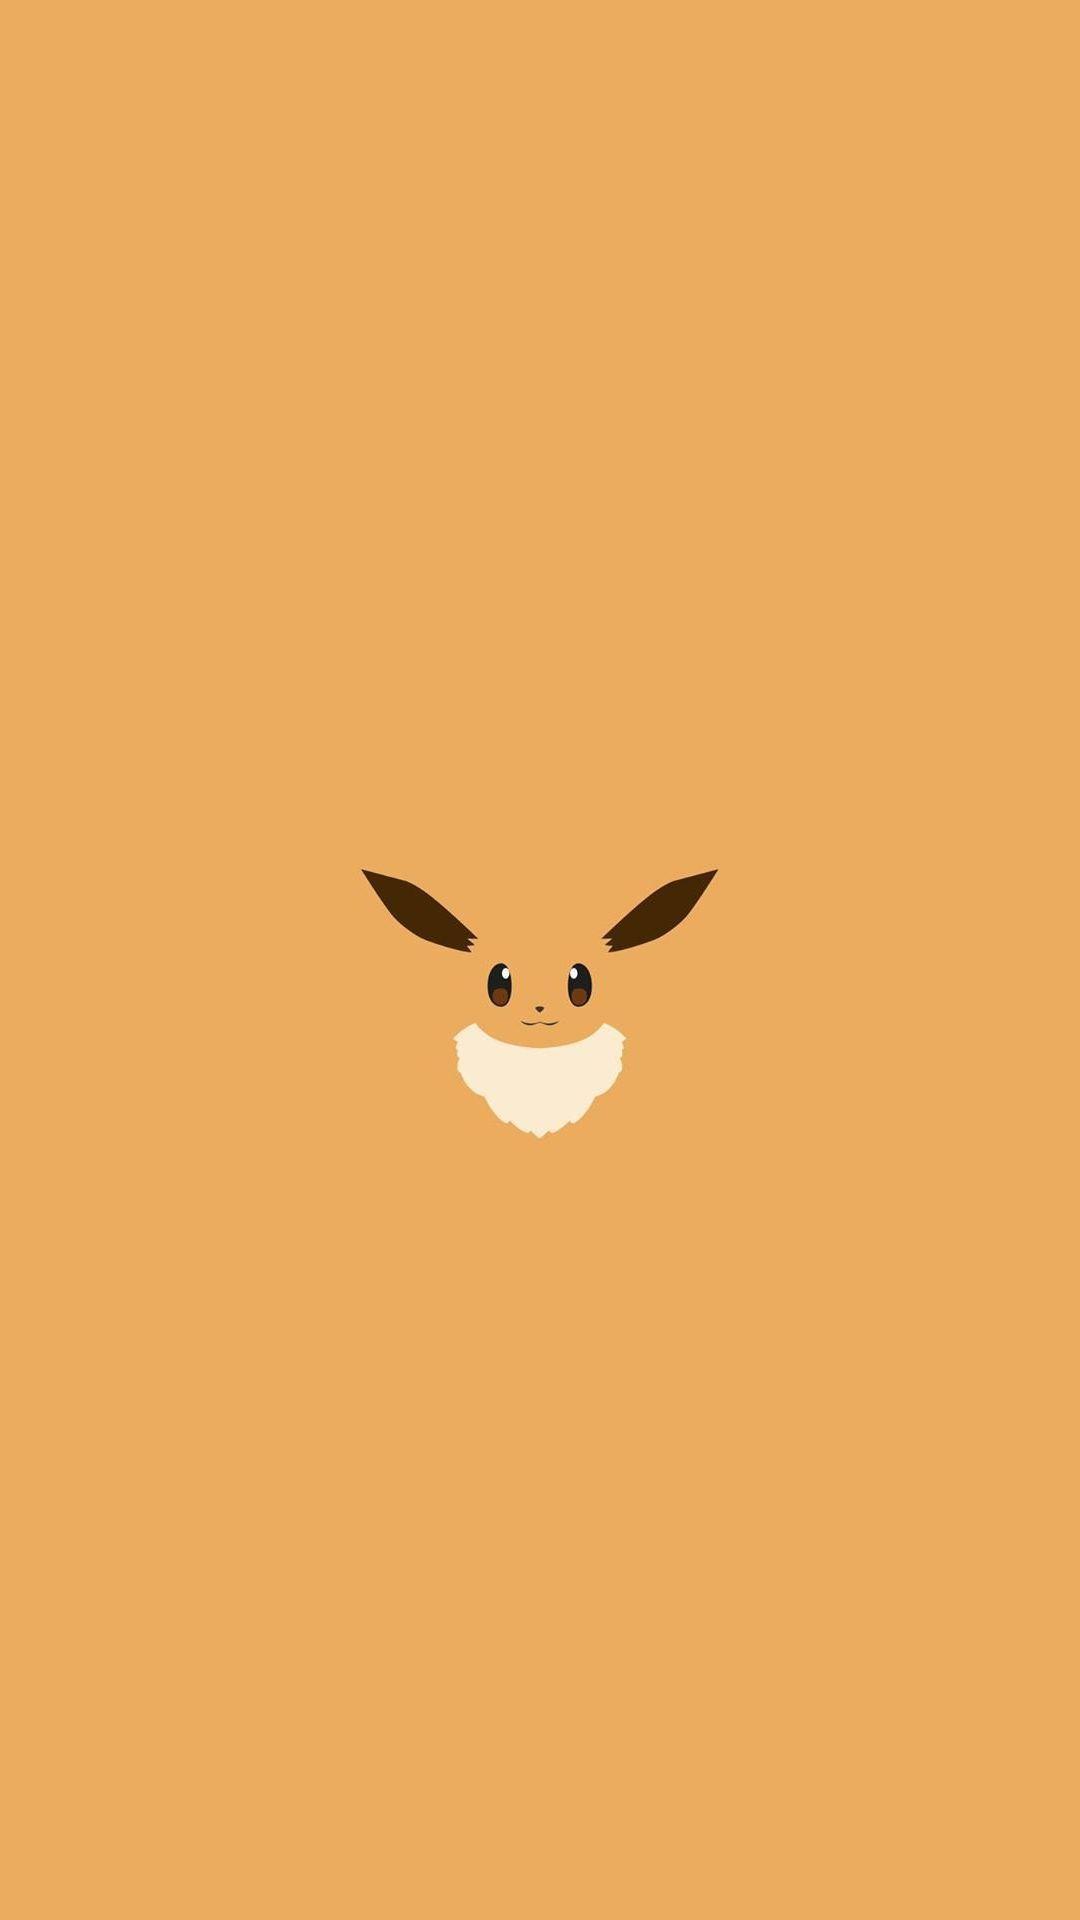 Eevee Pokemon Character iPhone 6+ HD Wallpaper – http …